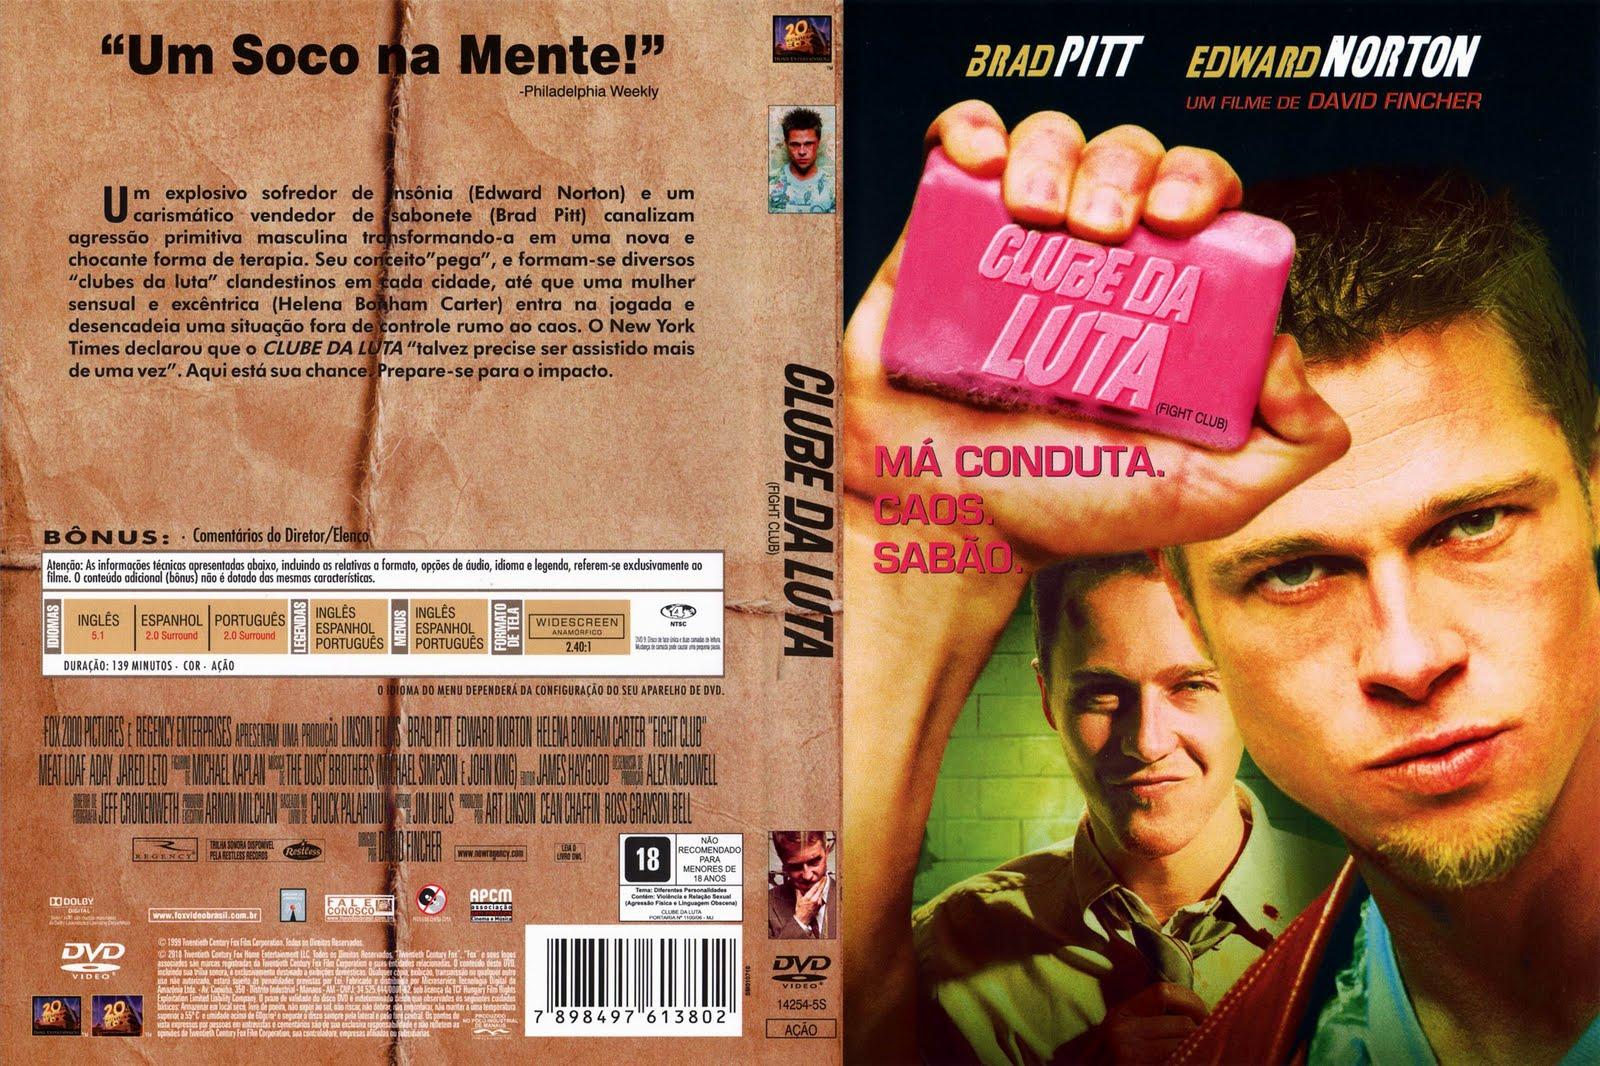 http://1.bp.blogspot.com/_Tgeb_LTYc0o/THvBjaa-MYI/AAAAAAAAAv0/7TjegwCLpuA/s1600/Clube-Da-Luta.jpg